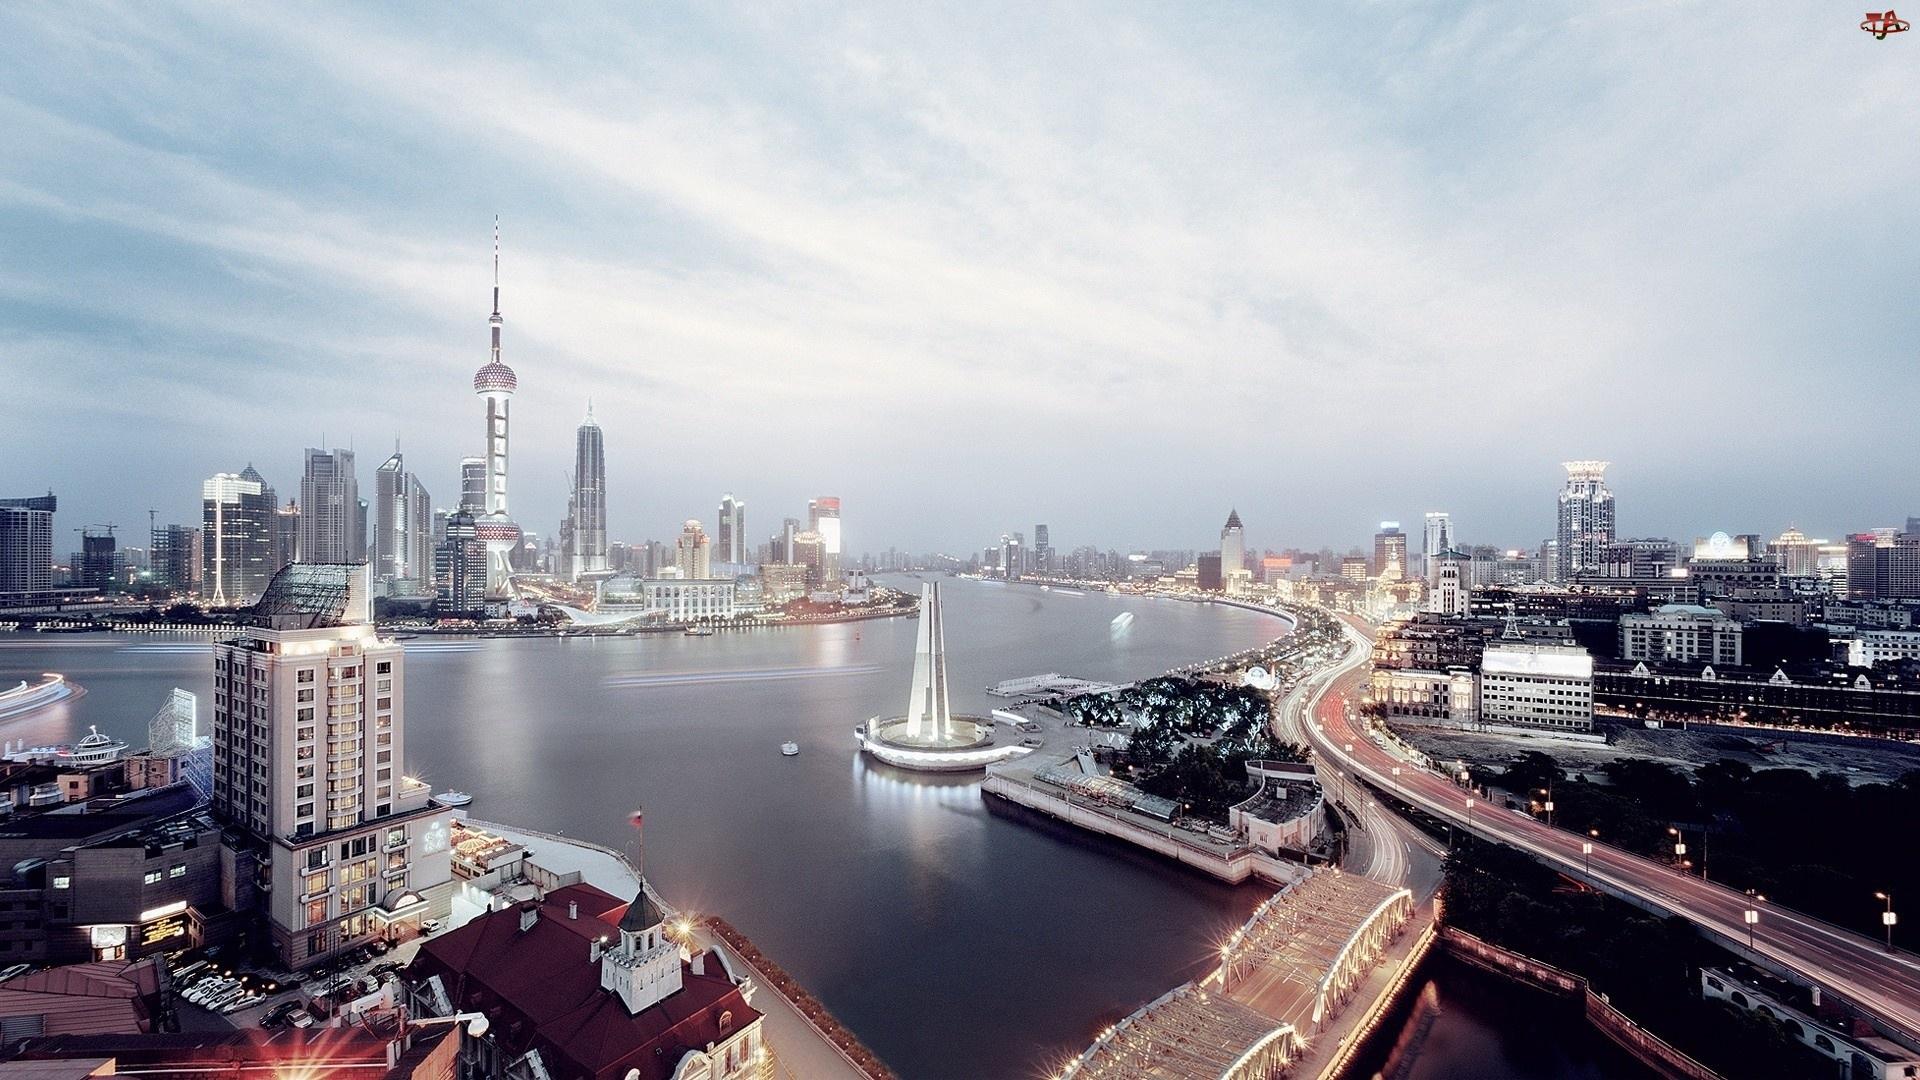 Miasto, Rzeka, Shanghai, Chiny